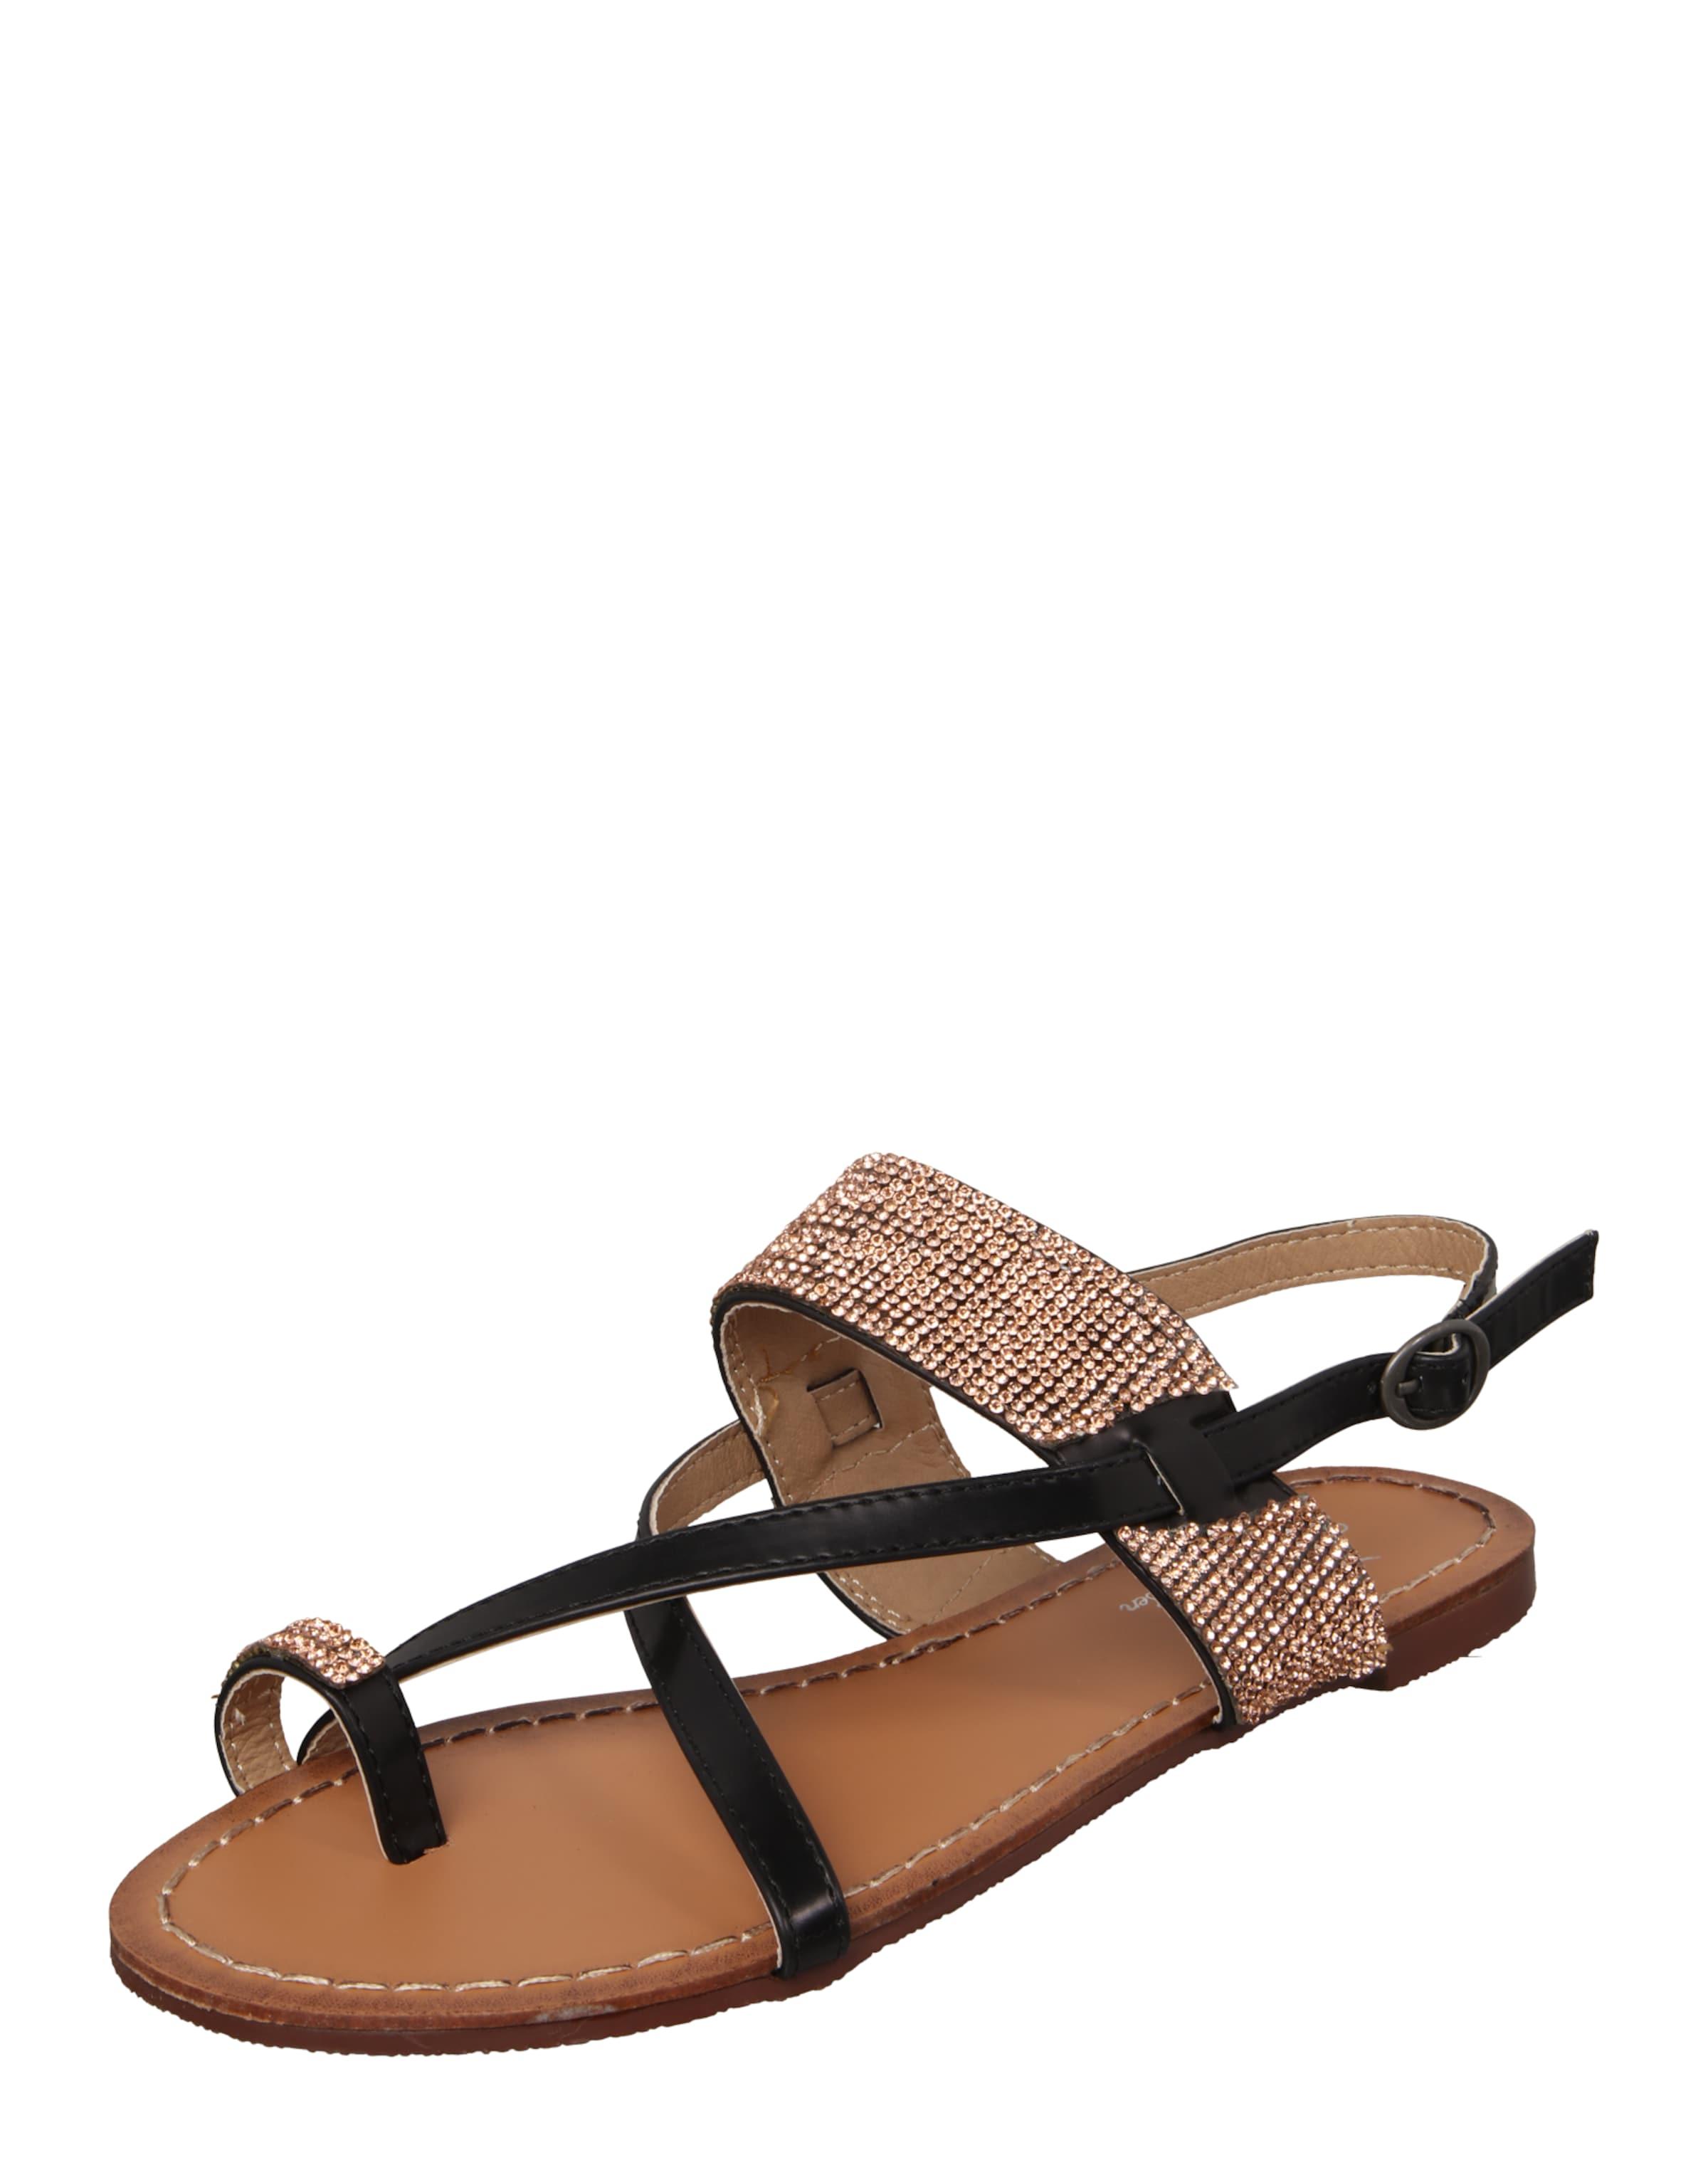 Fritzi aus Preußen Sandalen mit Glitzersteinen 'Sand04' Mode-Stil Zu Verkaufen CUvadiao